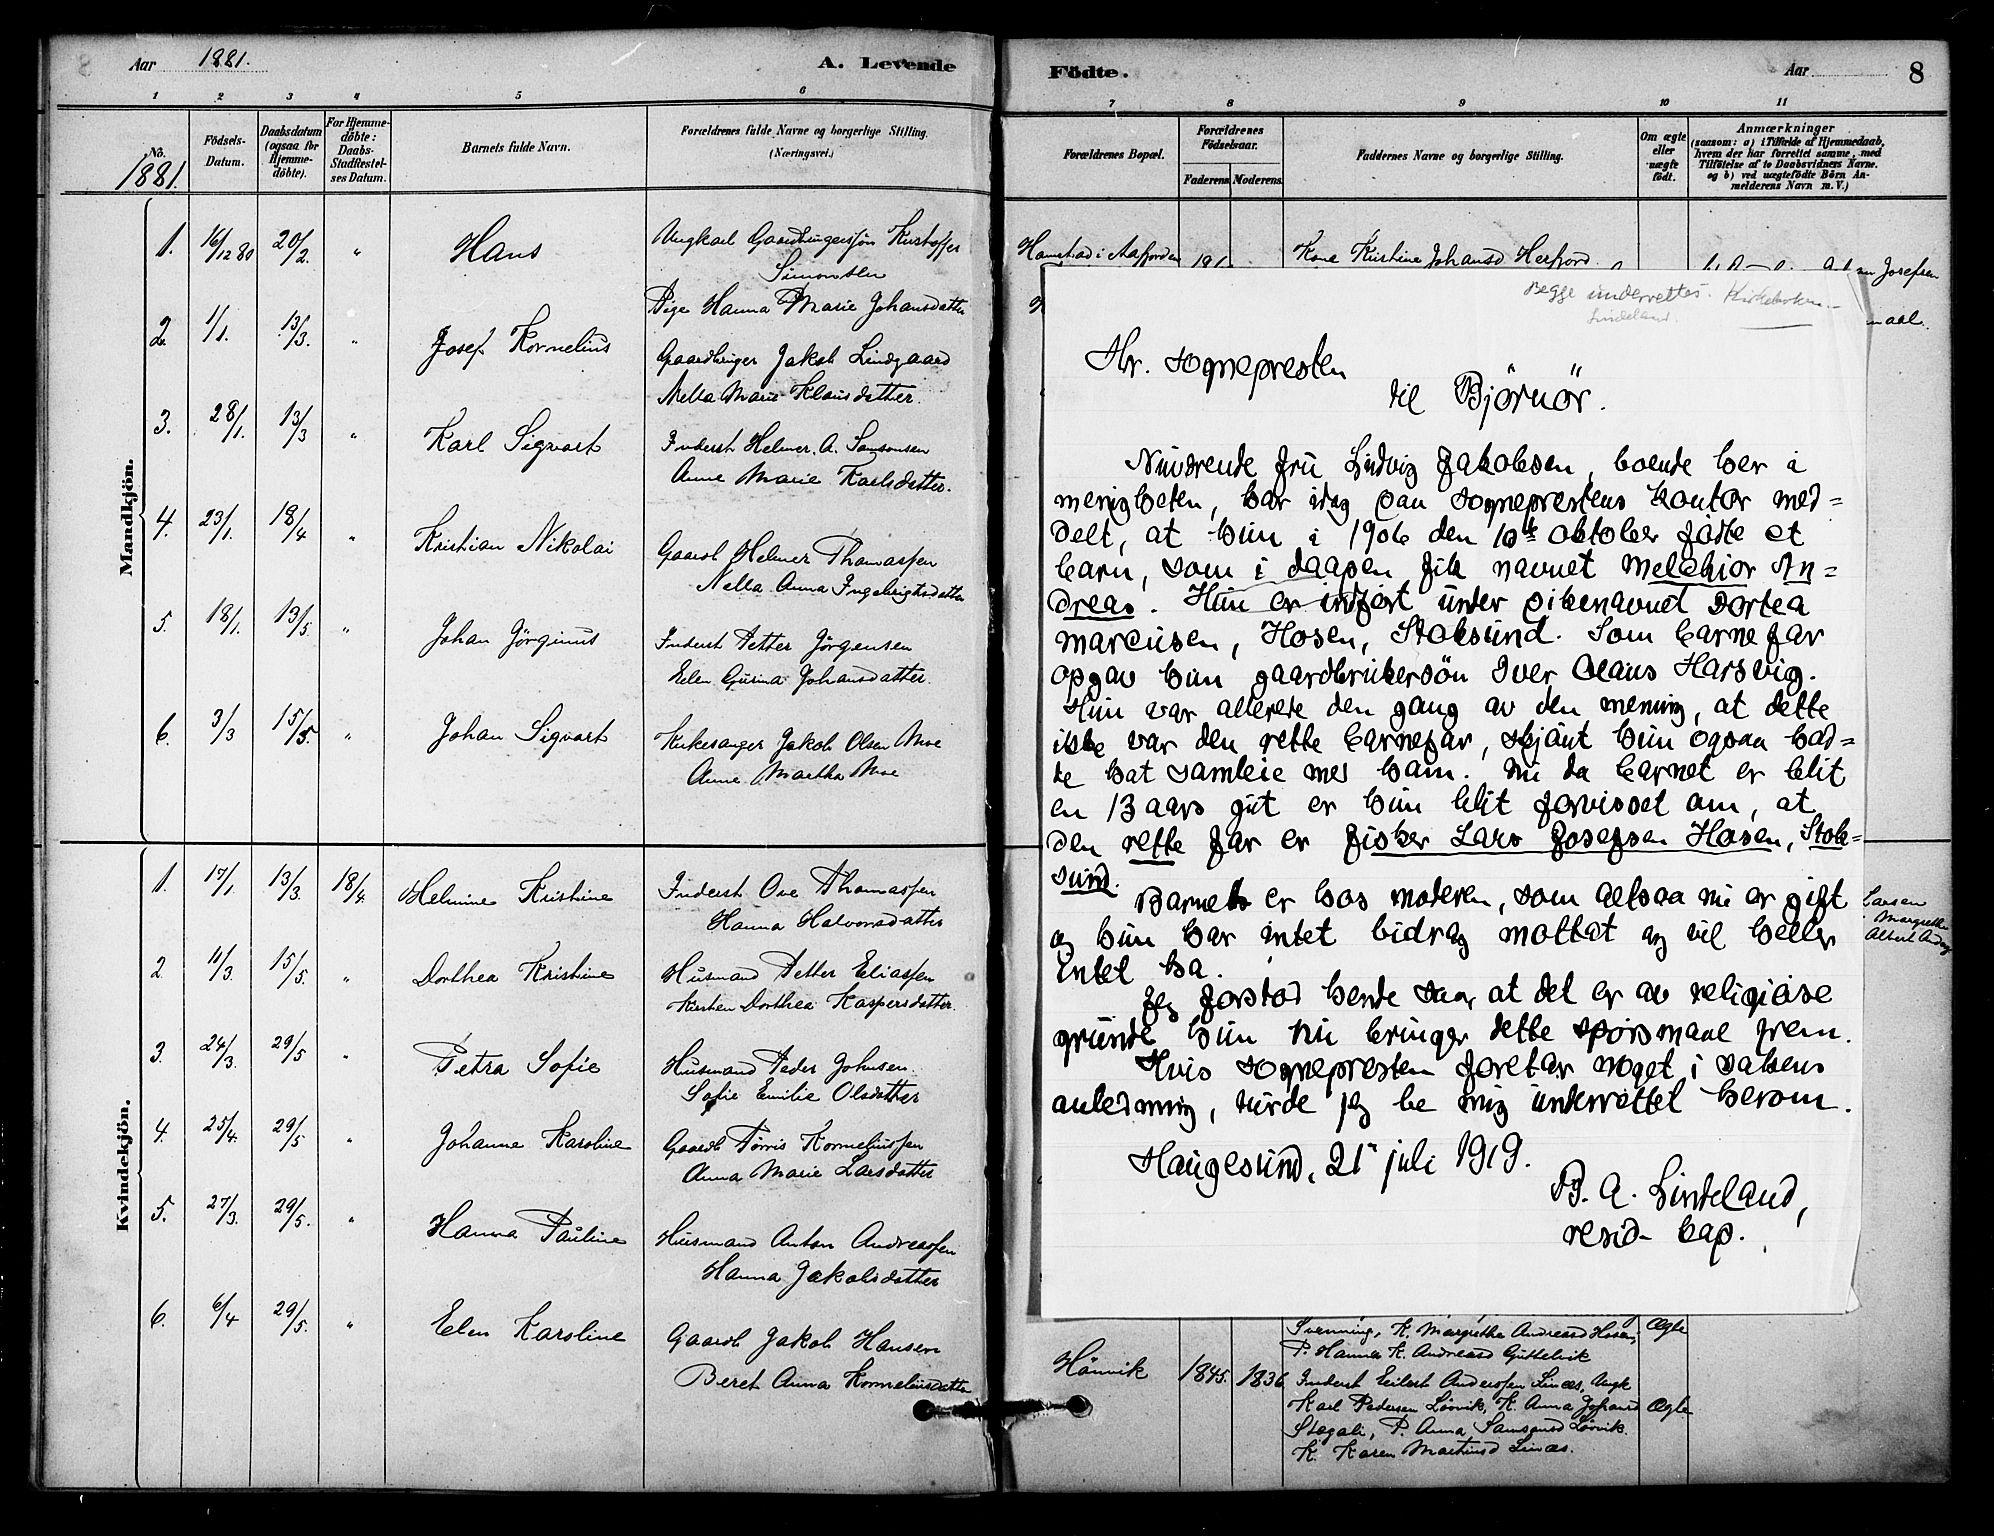 SAT, Ministerialprotokoller, klokkerbøker og fødselsregistre - Sør-Trøndelag, 656/L0692: Ministerialbok nr. 656A01, 1879-1893, s. 8